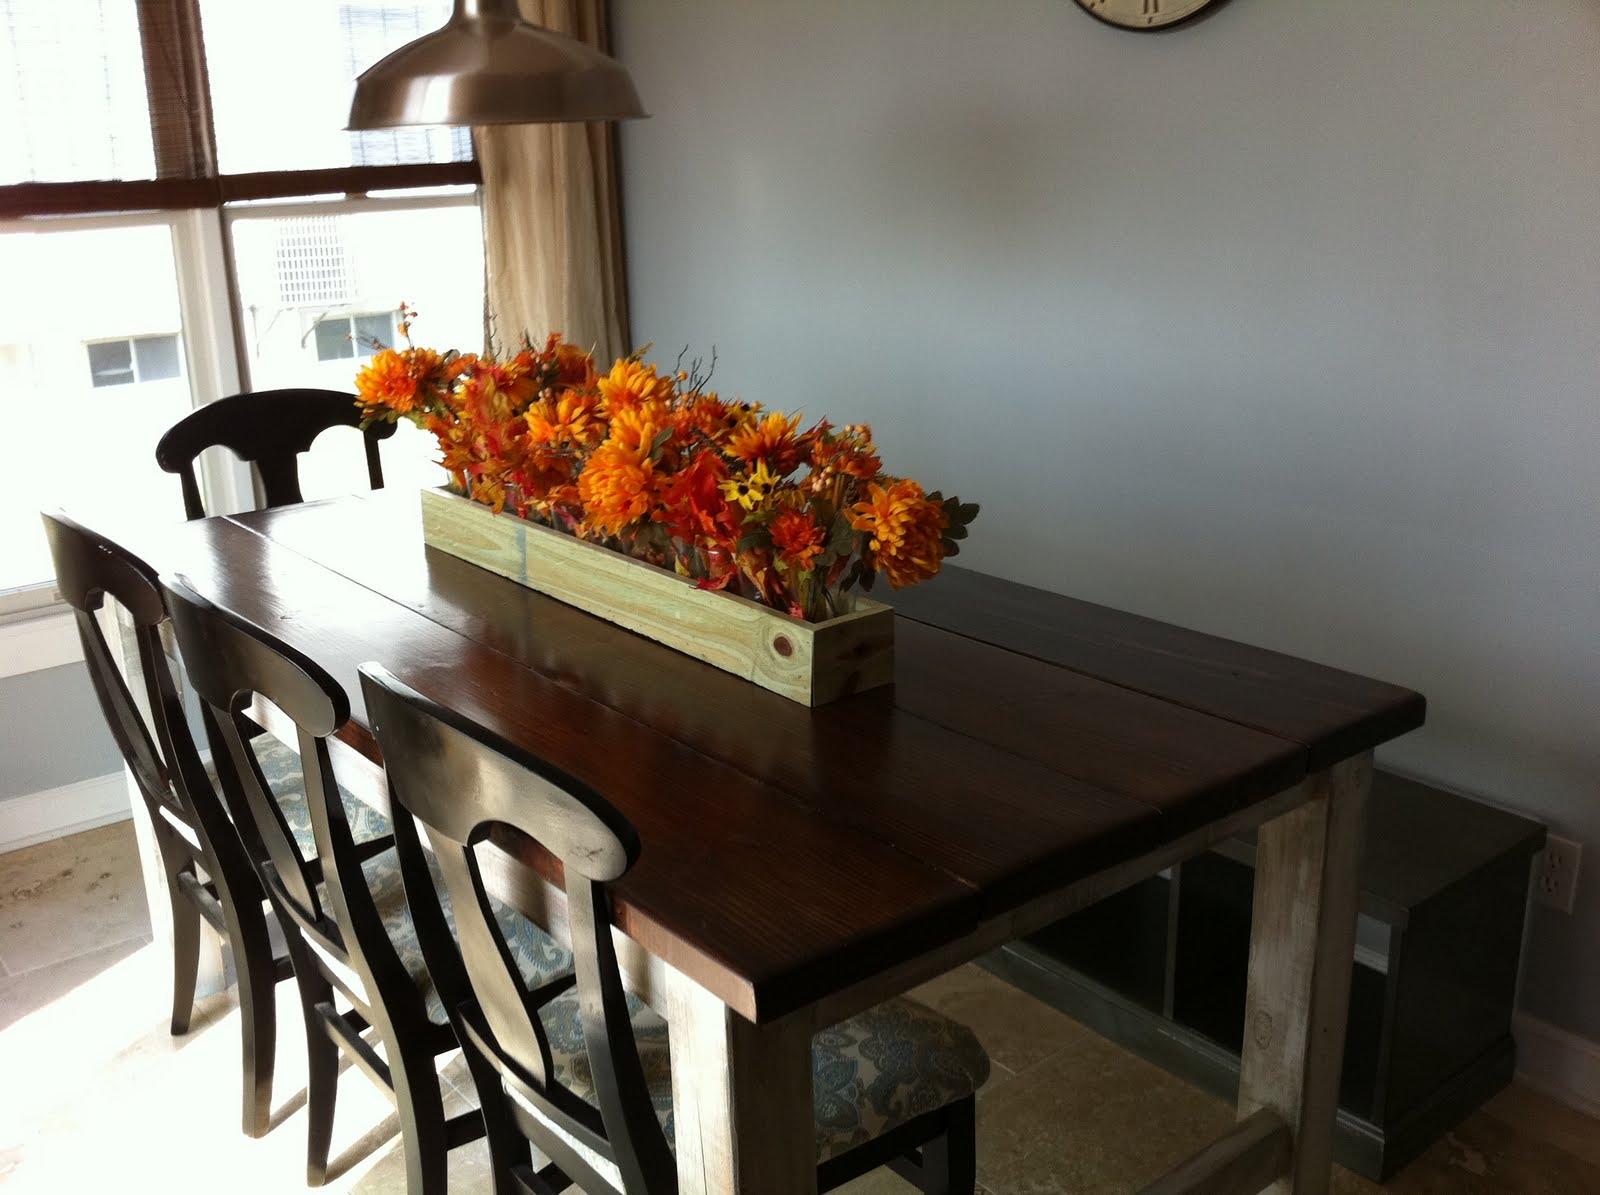 DIY Farmhouse Table (Plans)